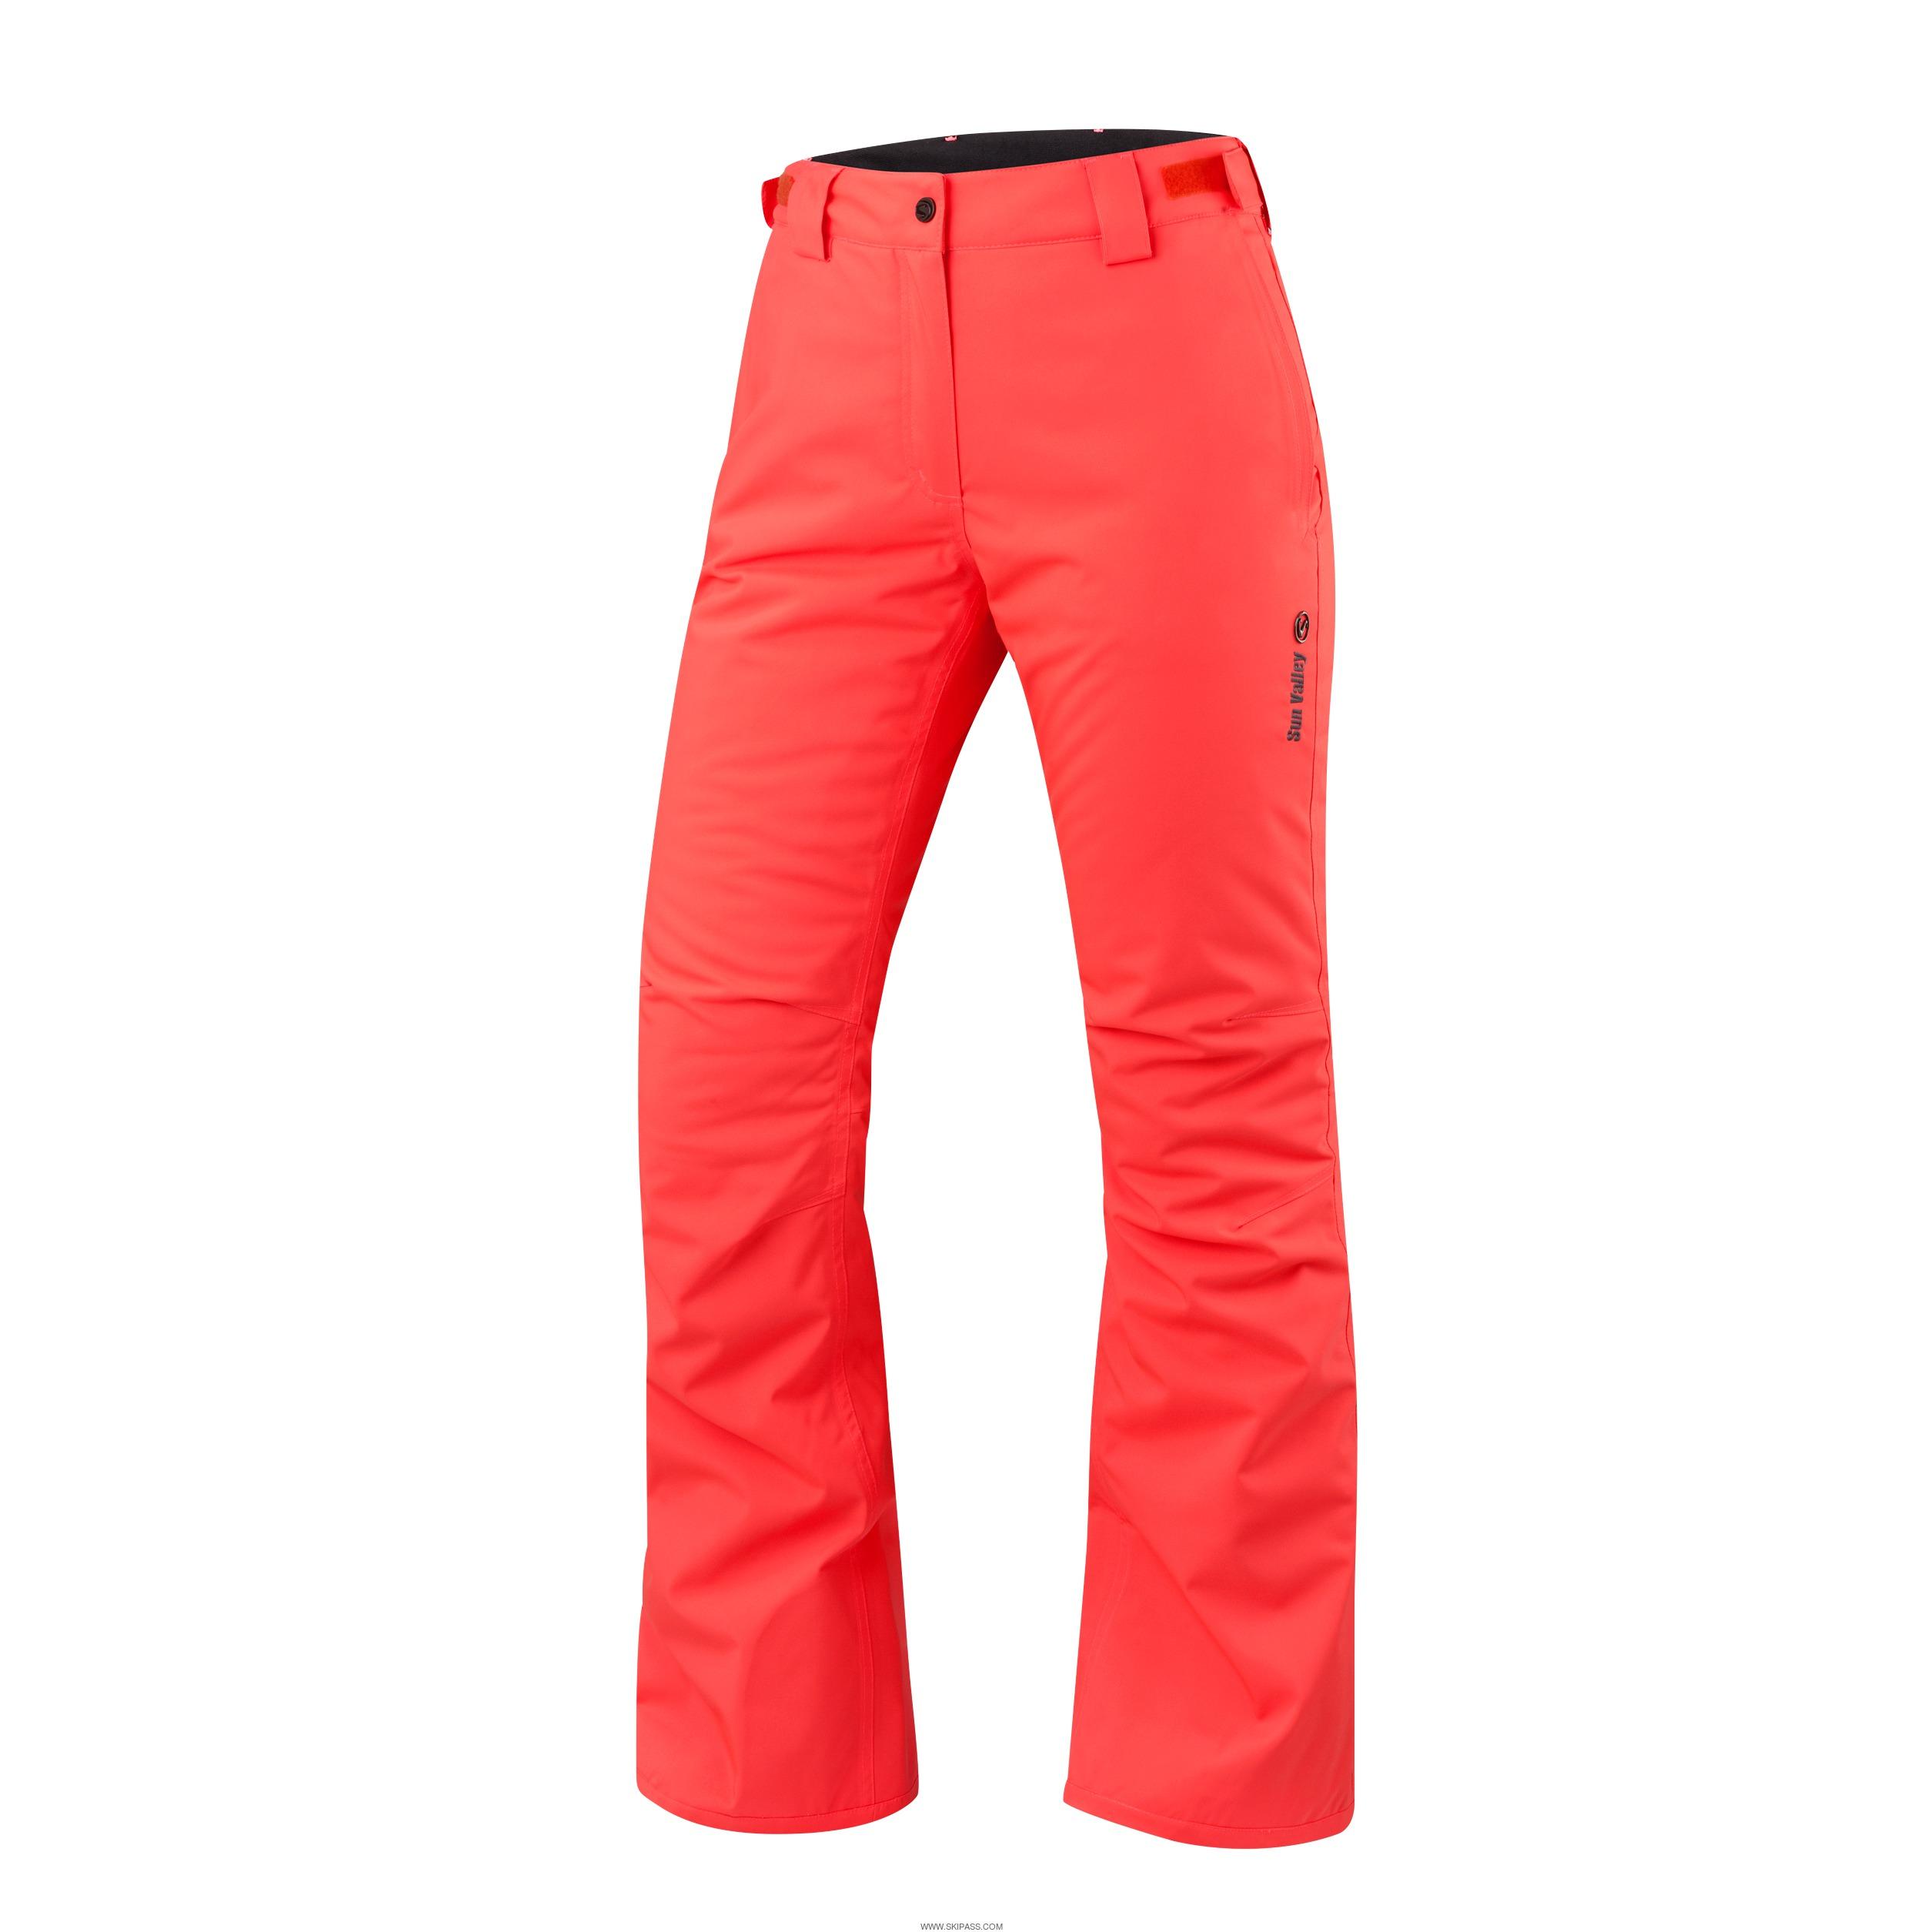 pantalon de ski orange fluo femme